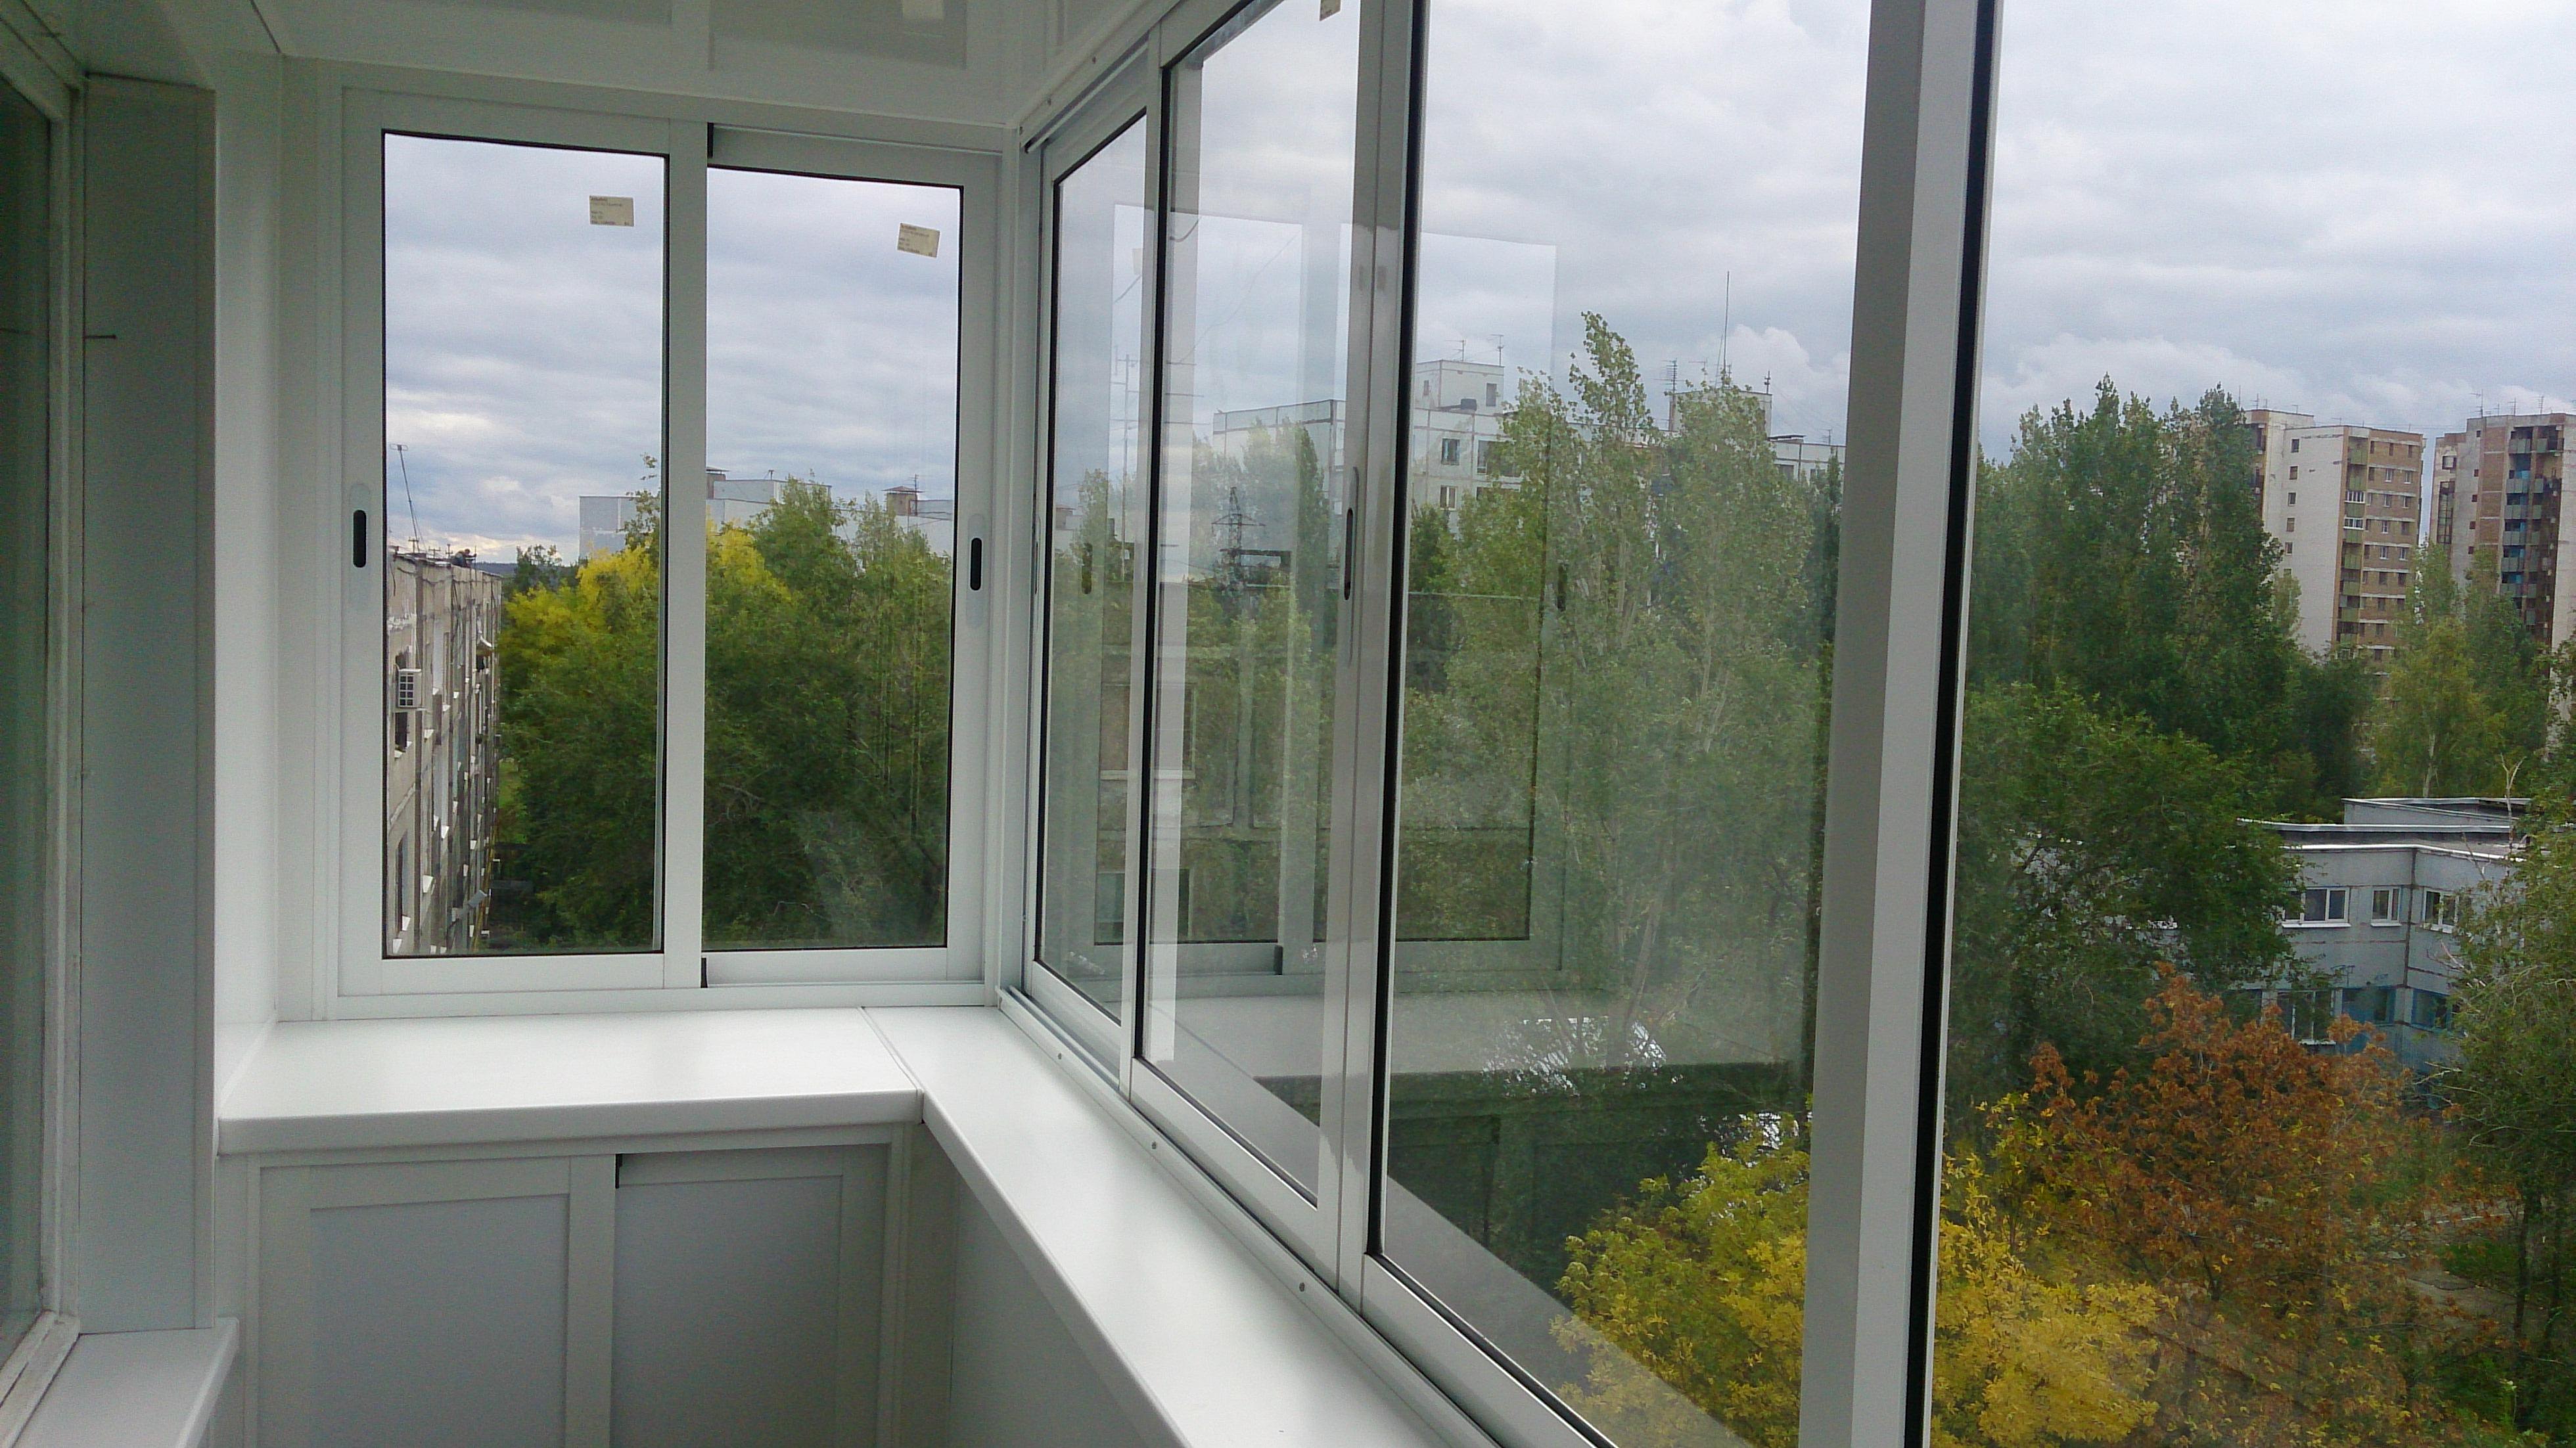 Остекление балконов provedal (проведал): преимущества.